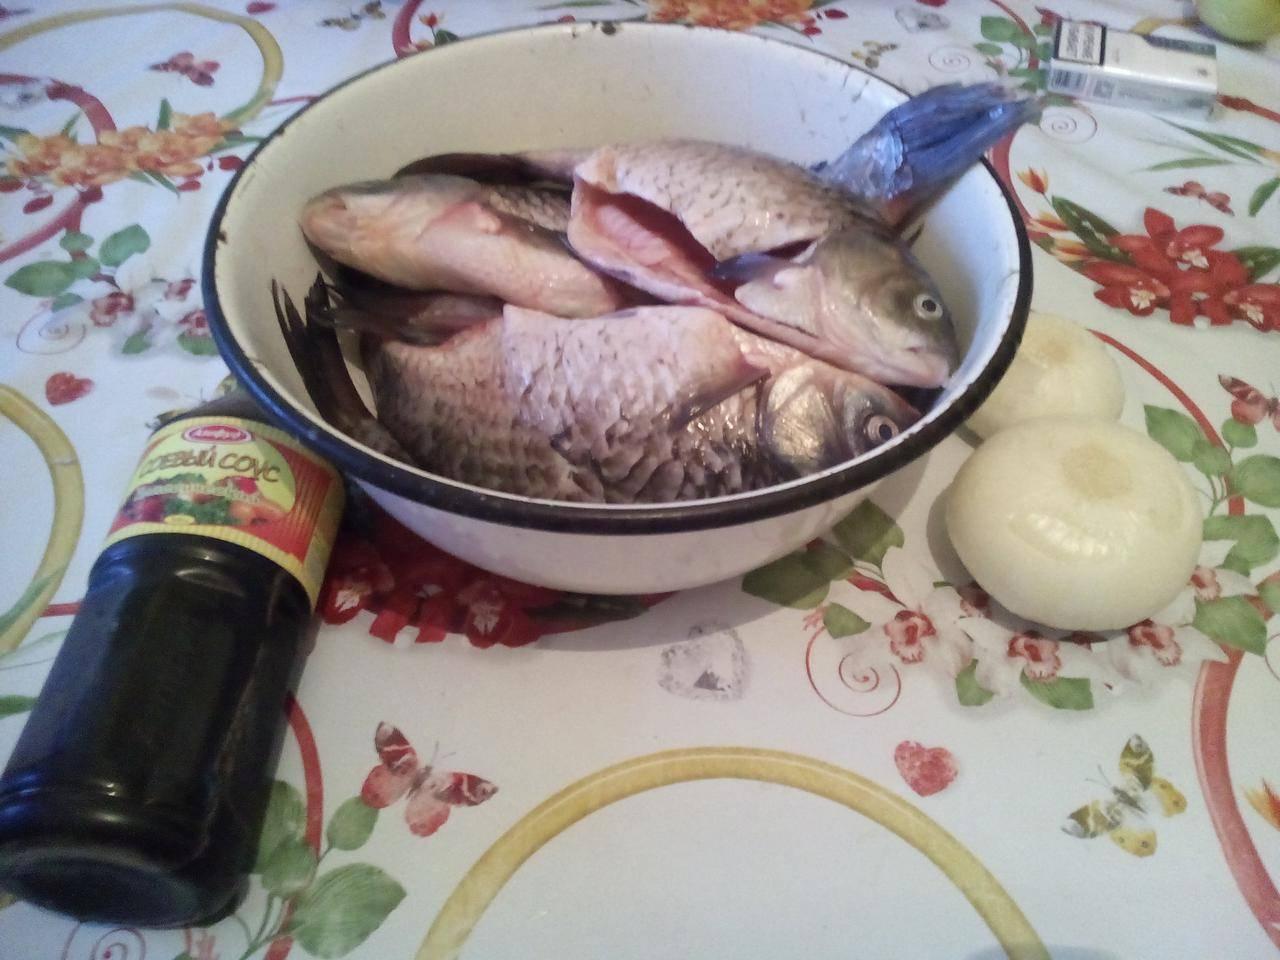 Как избавиться от запаха рыбы или снизить его интенсивность